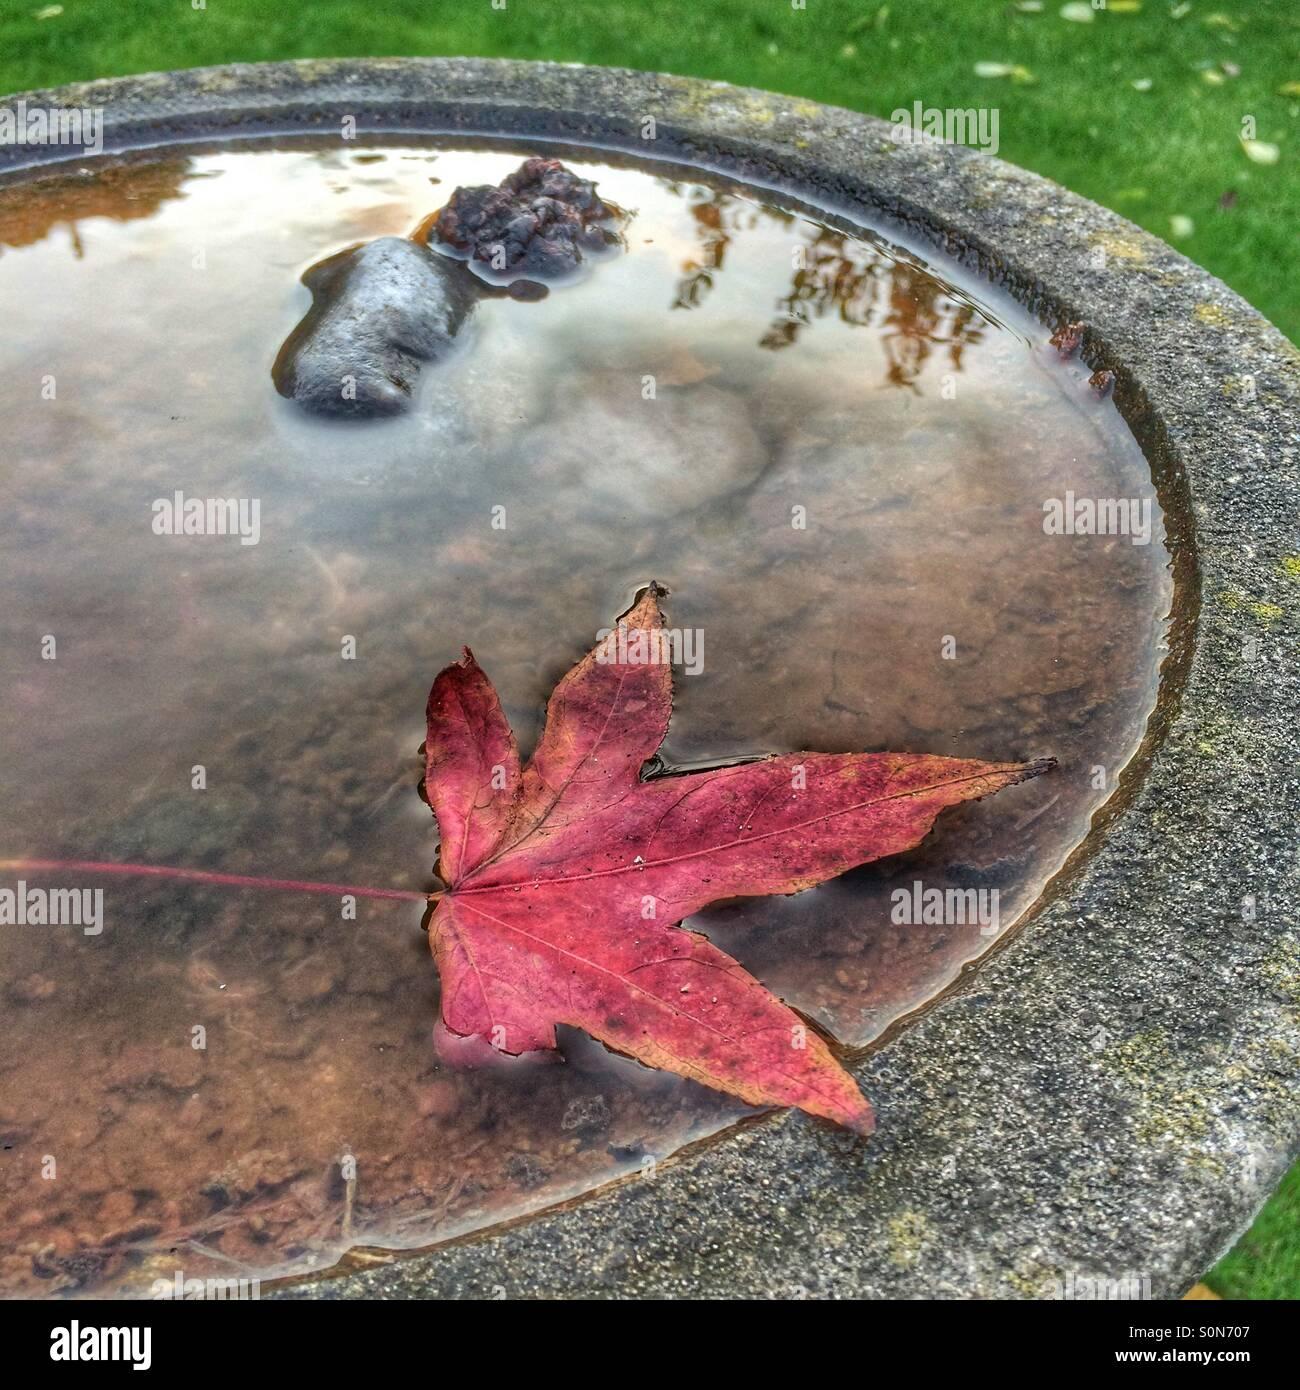 Hoja de otoño de color rojo en el agua llena de aves mostrando reflexiones sobre aguas de baño superficie Imagen De Stock